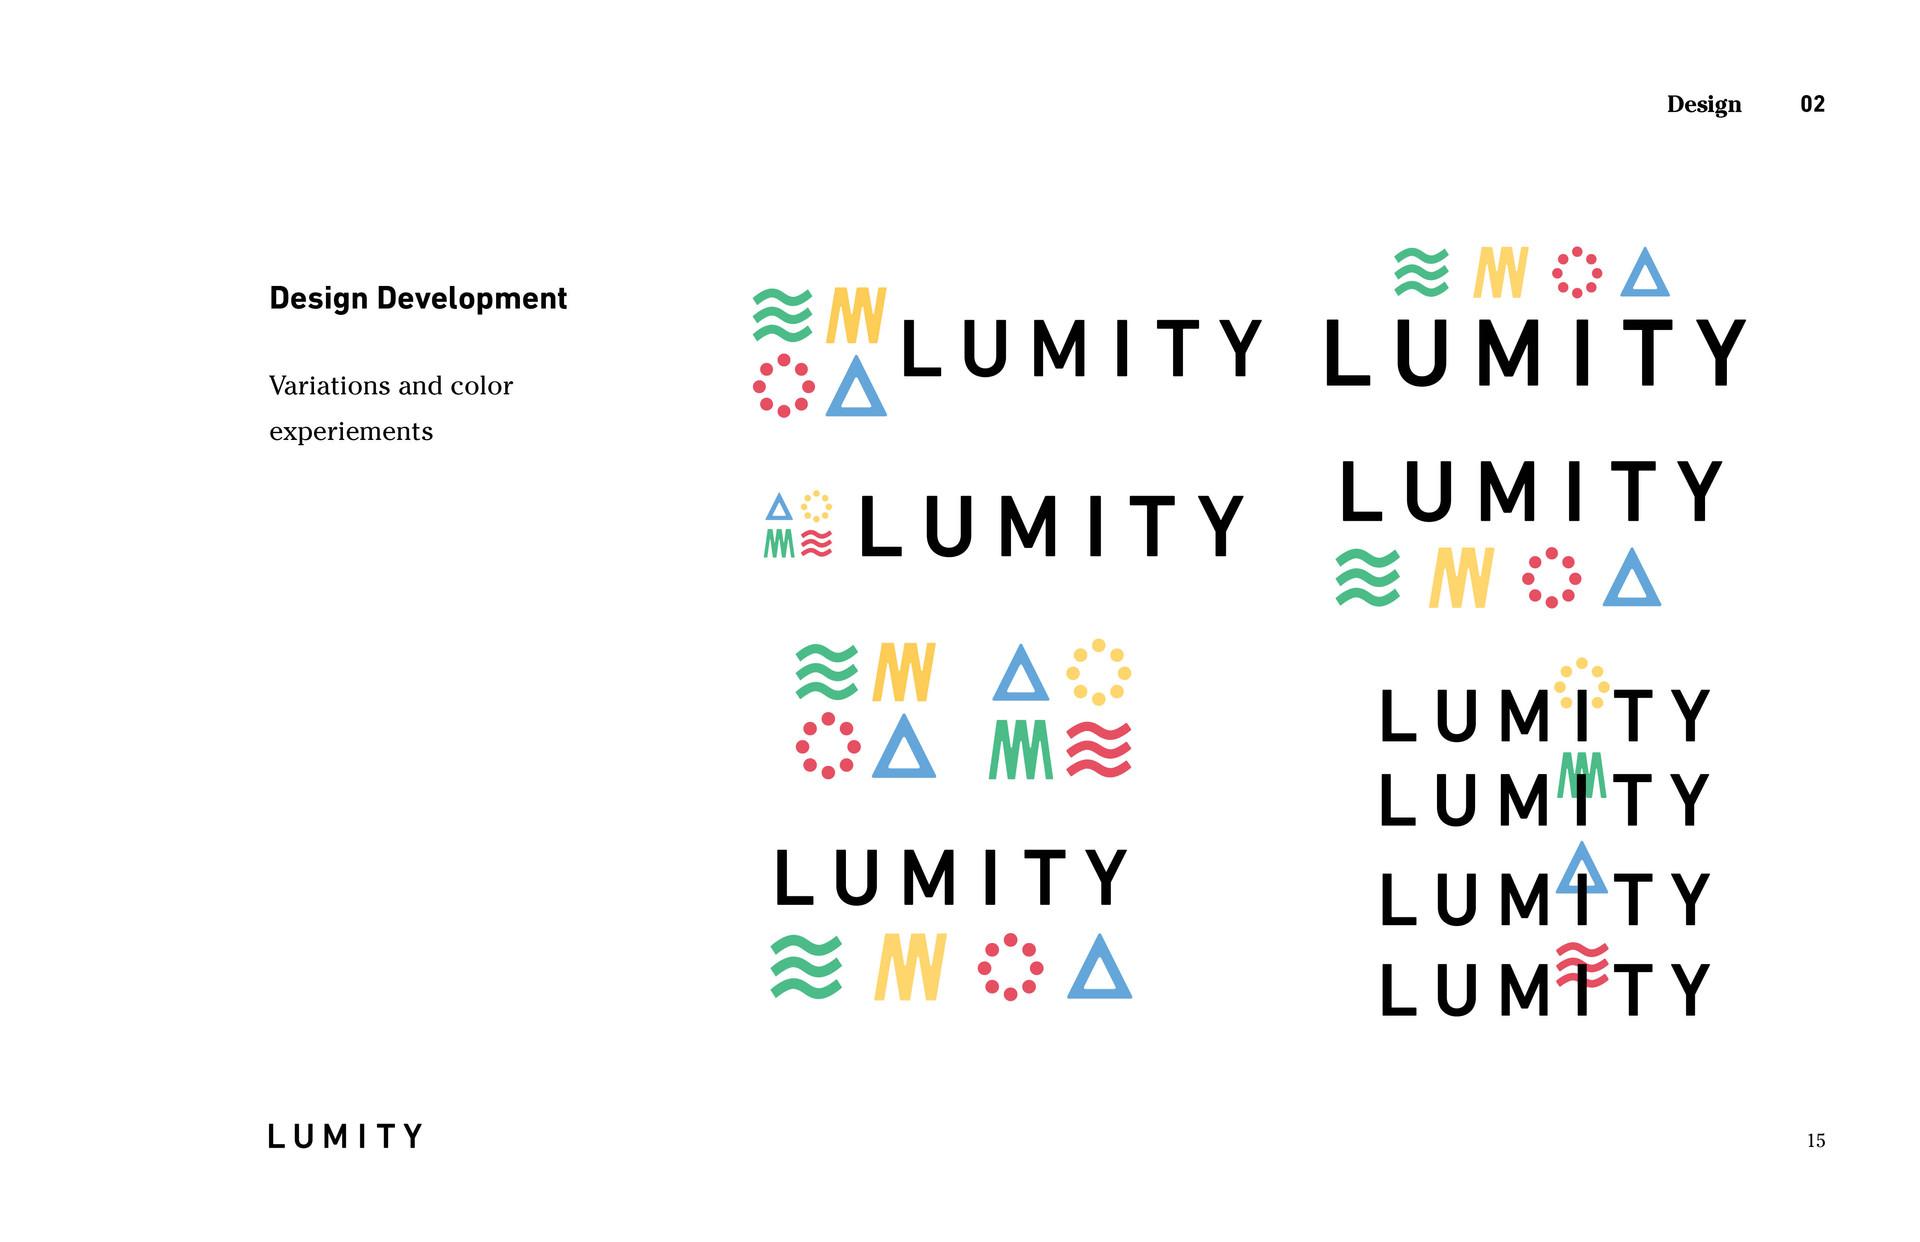 2018_Lumity_BrandGuide15.jpg